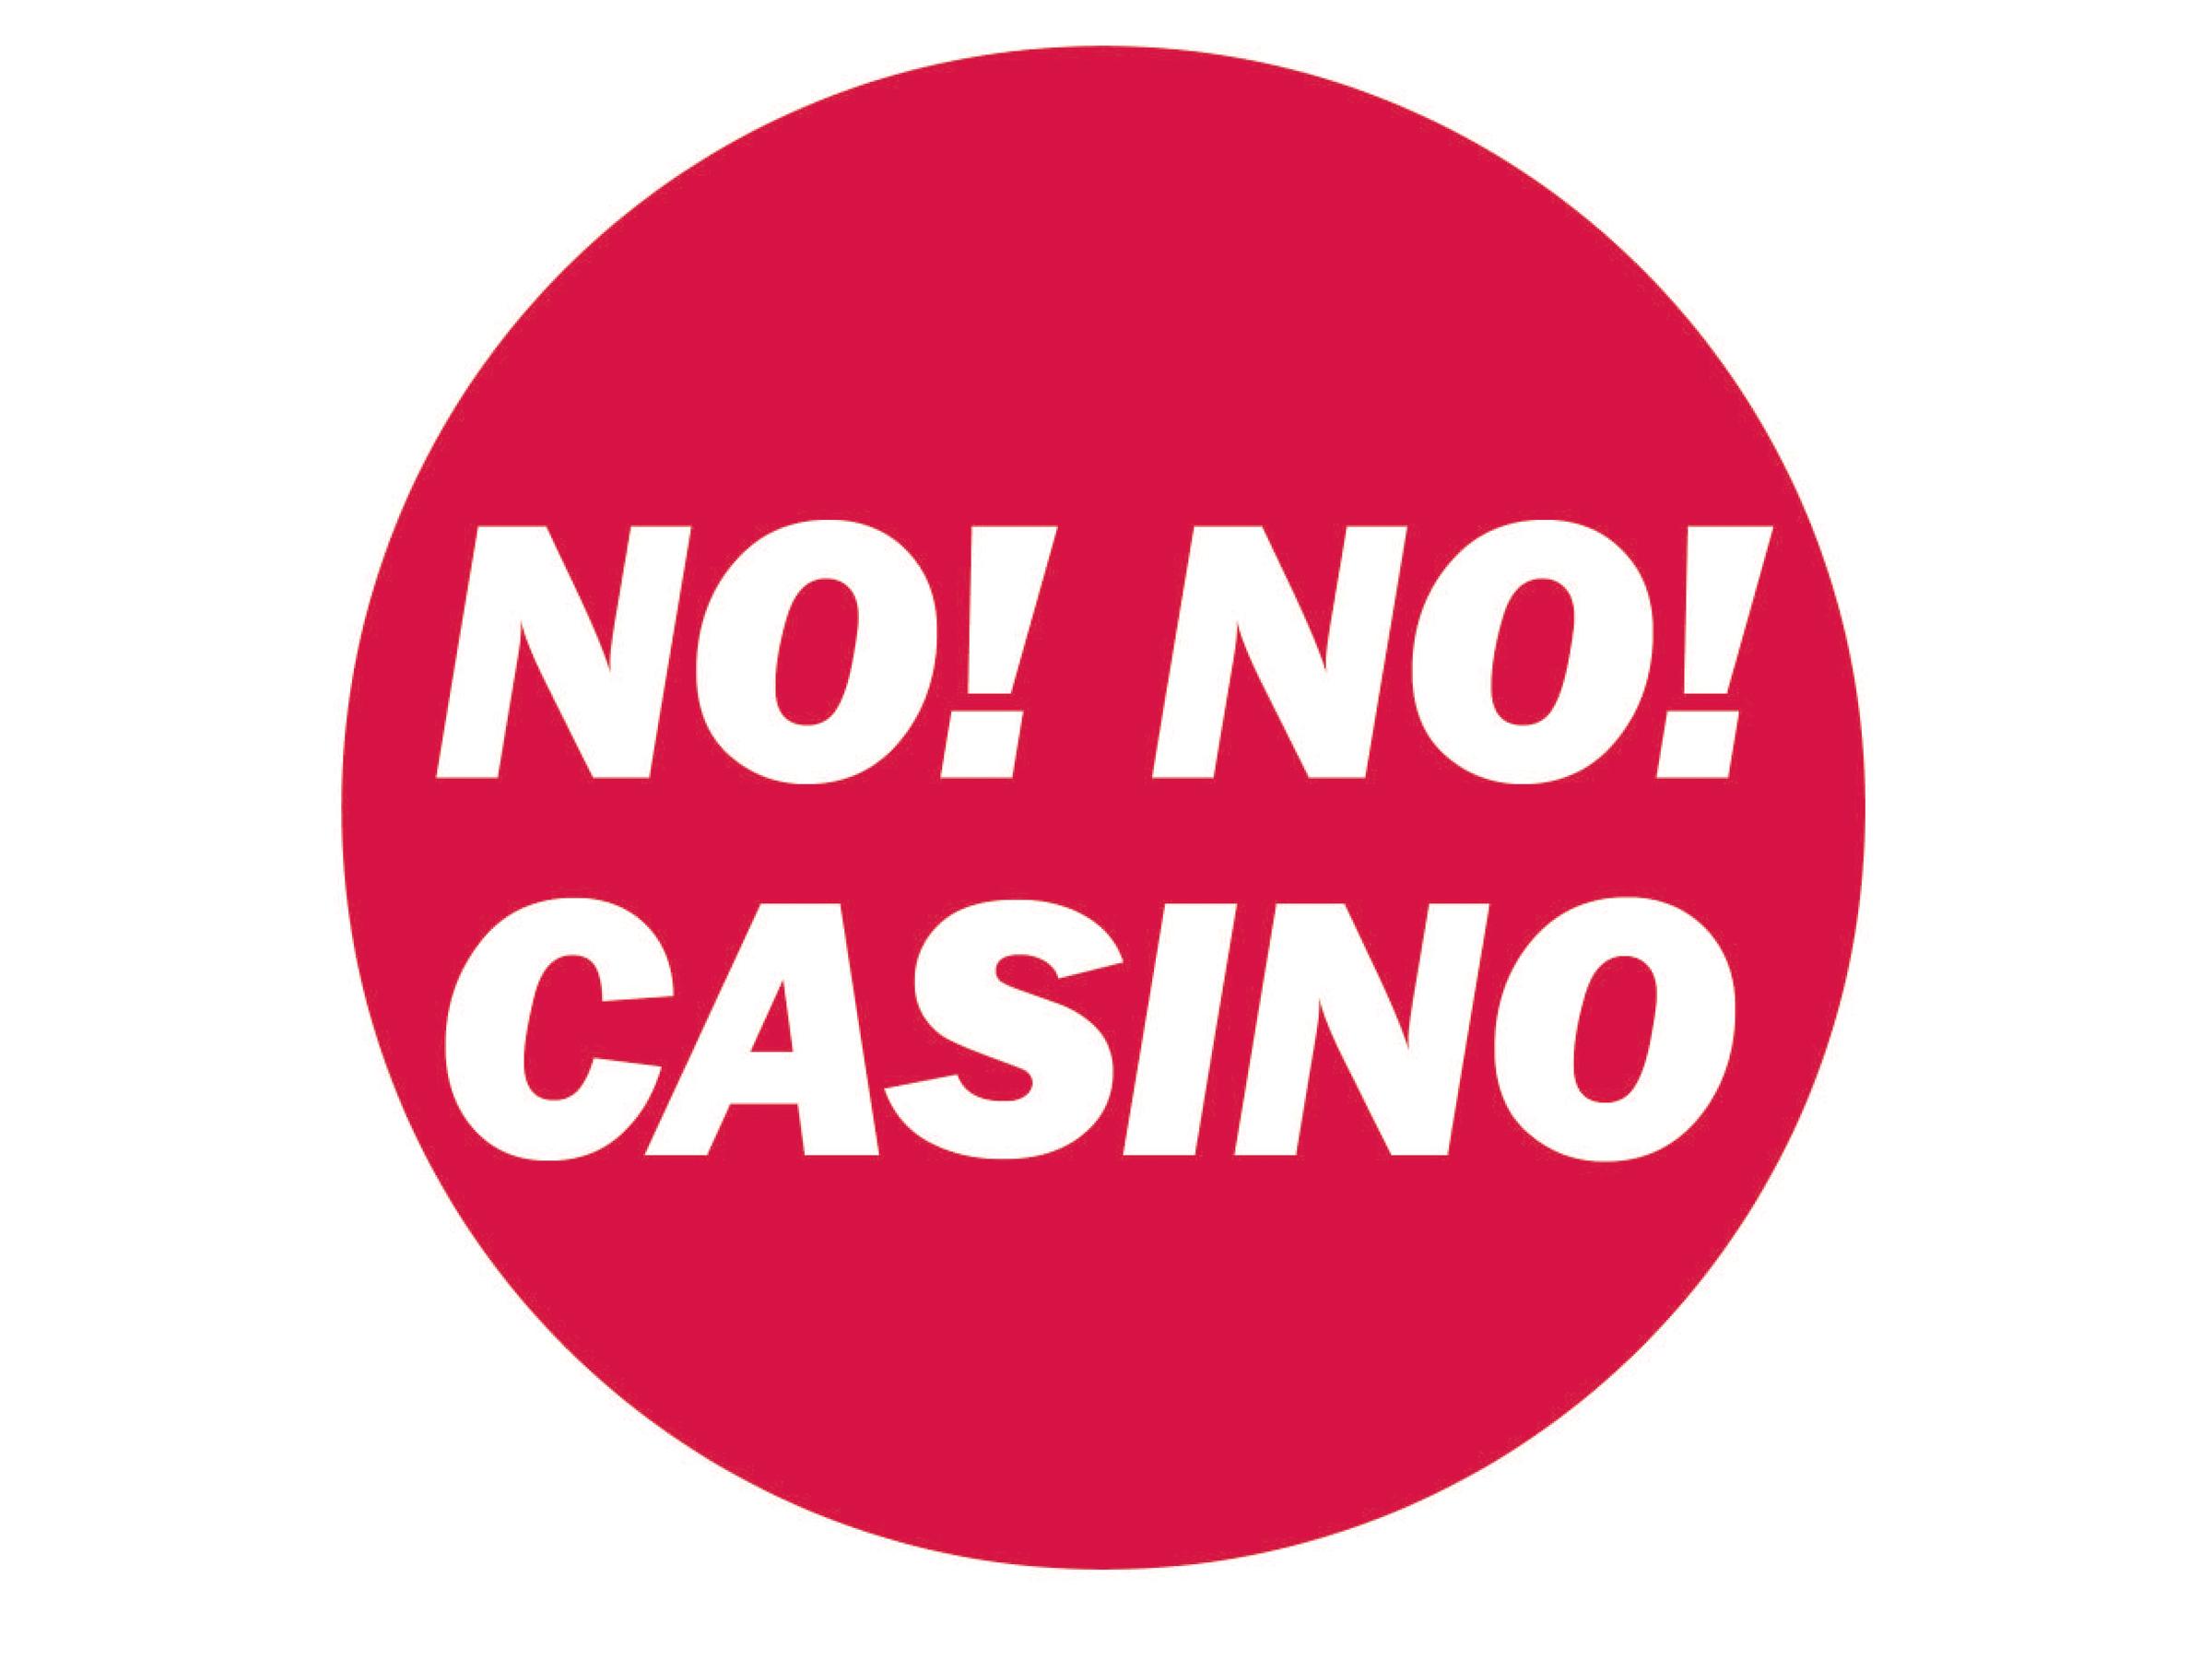 NO! NO! CASINO